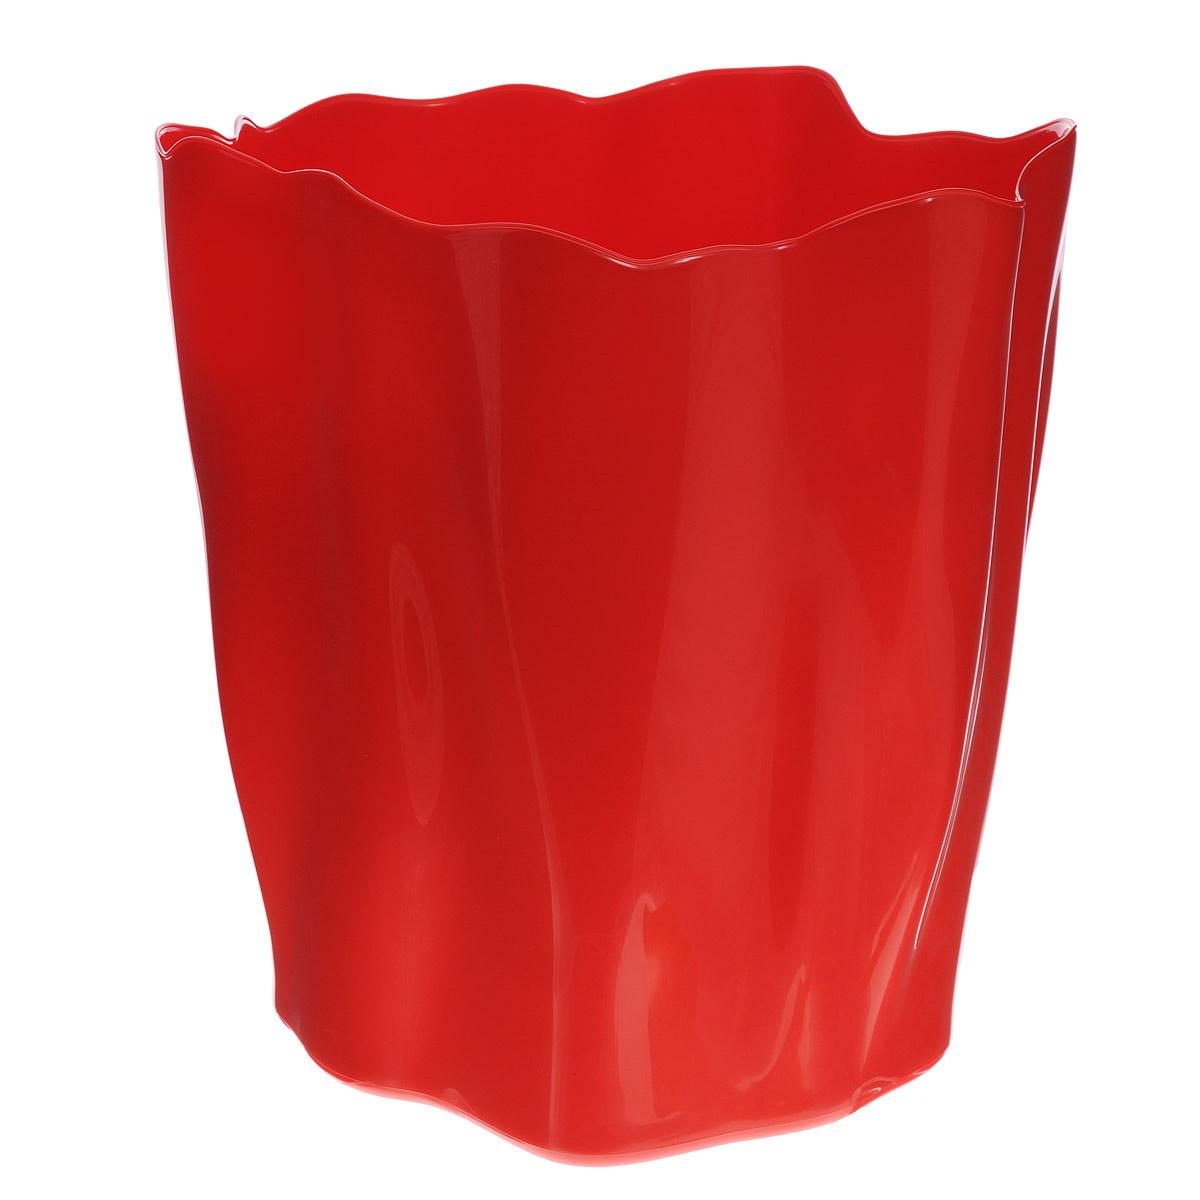 Органайзер Qualy Flow, большой, цвет: красный, диаметр 27 смQL10141-RDОрганайзер Qualy Flow может пригодиться на кухне, в ванной, в гостиной, на даче, на природе, в городе, в деревне. В него можно складывать фрукты, овощи, хлеб, кухонные приборы и аксессуары, всевозможные баночки, можно использовать органайзер как мусорную корзину, вазу. Все зависит от вашей фантазии и от хозяйственных потребностей! Пластиковый оригинальный органайзер пригодится везде! Диаметр: 27 см. Высота стенки: 28 см.